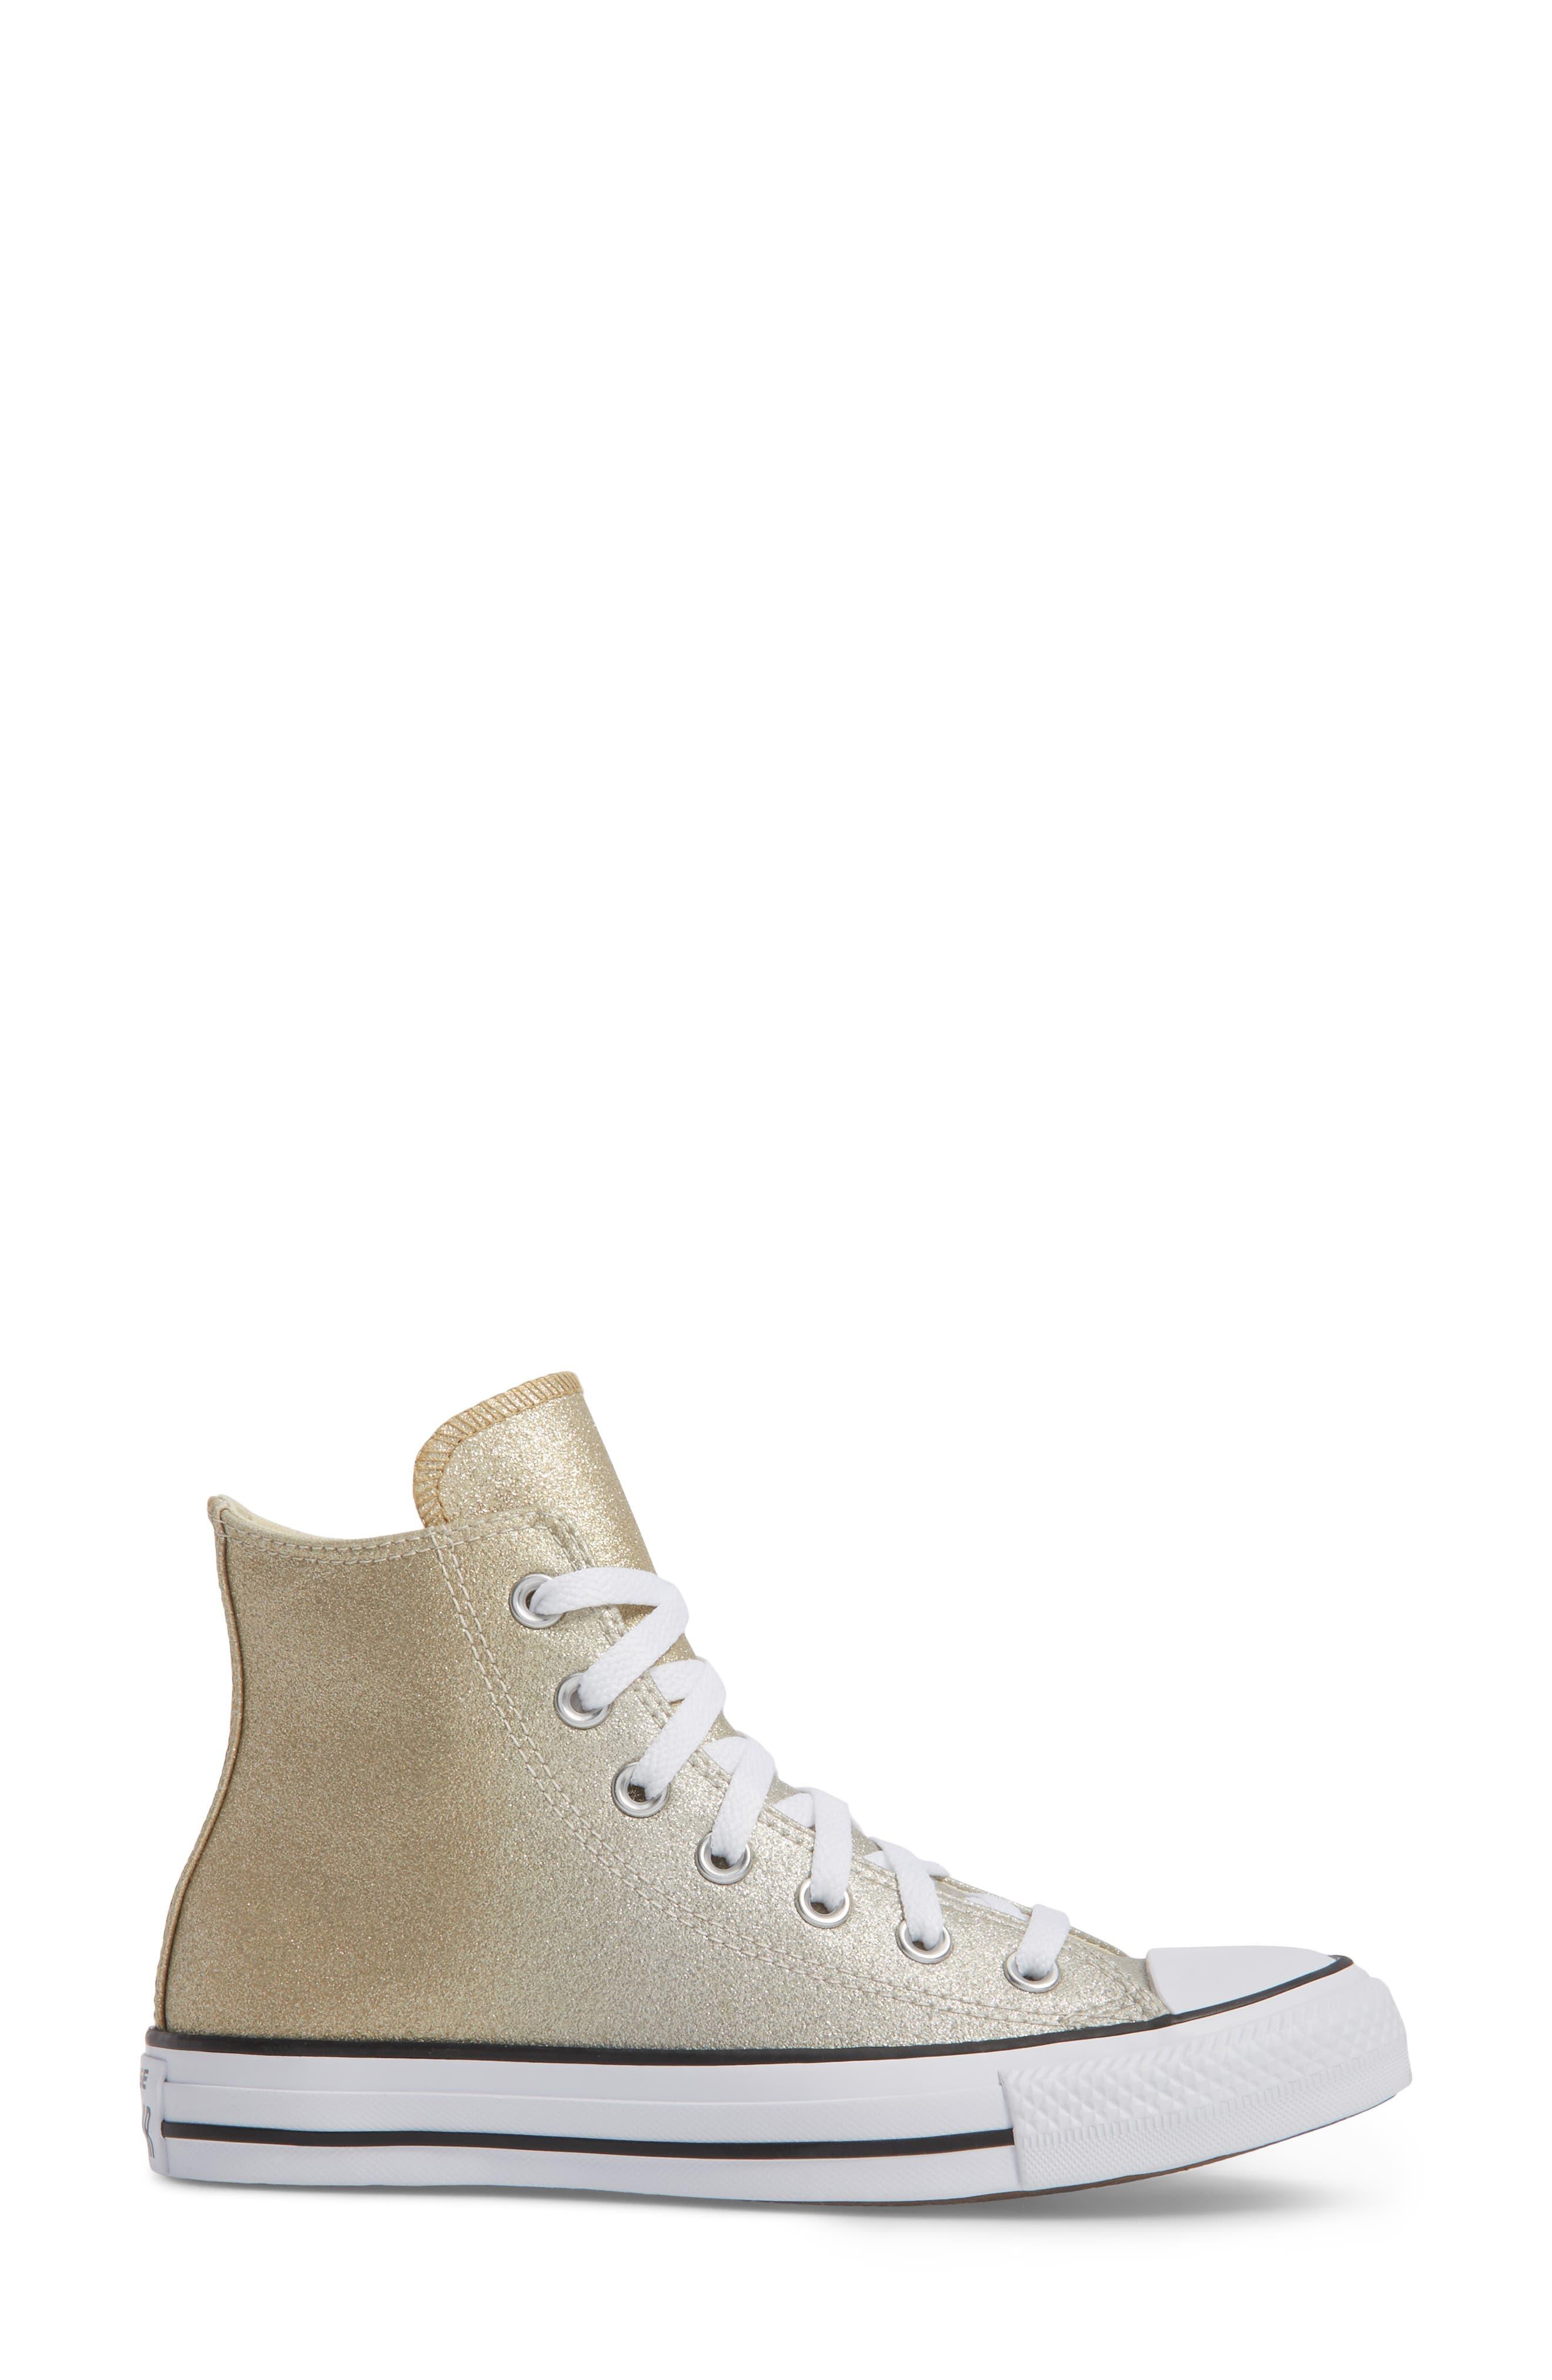 Alternate Image 3  - Converse Chuck Taylor® All Star® Ombré Metallic High Top Sneaker (Women)